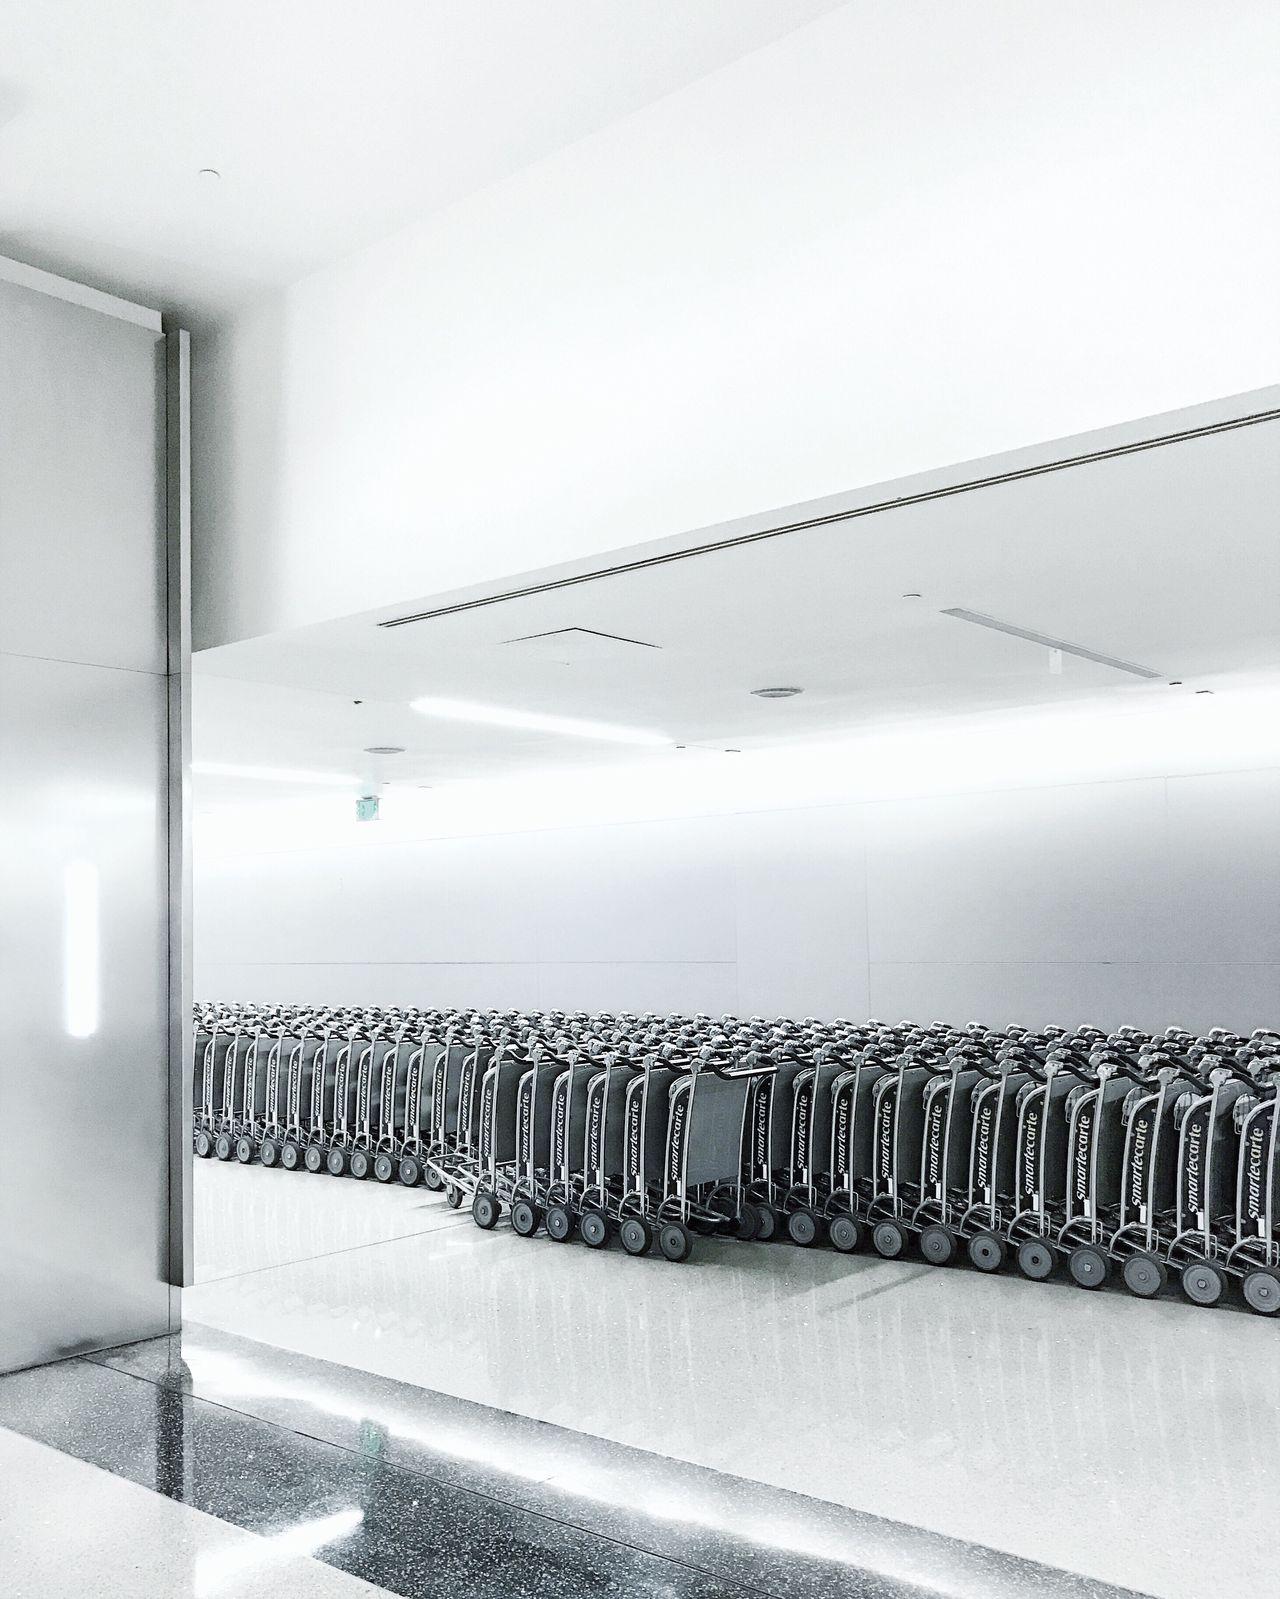 Carts Indoors  Lax Airport LAX Cart Minimal Minimalism Indoor The Week On EyeEm